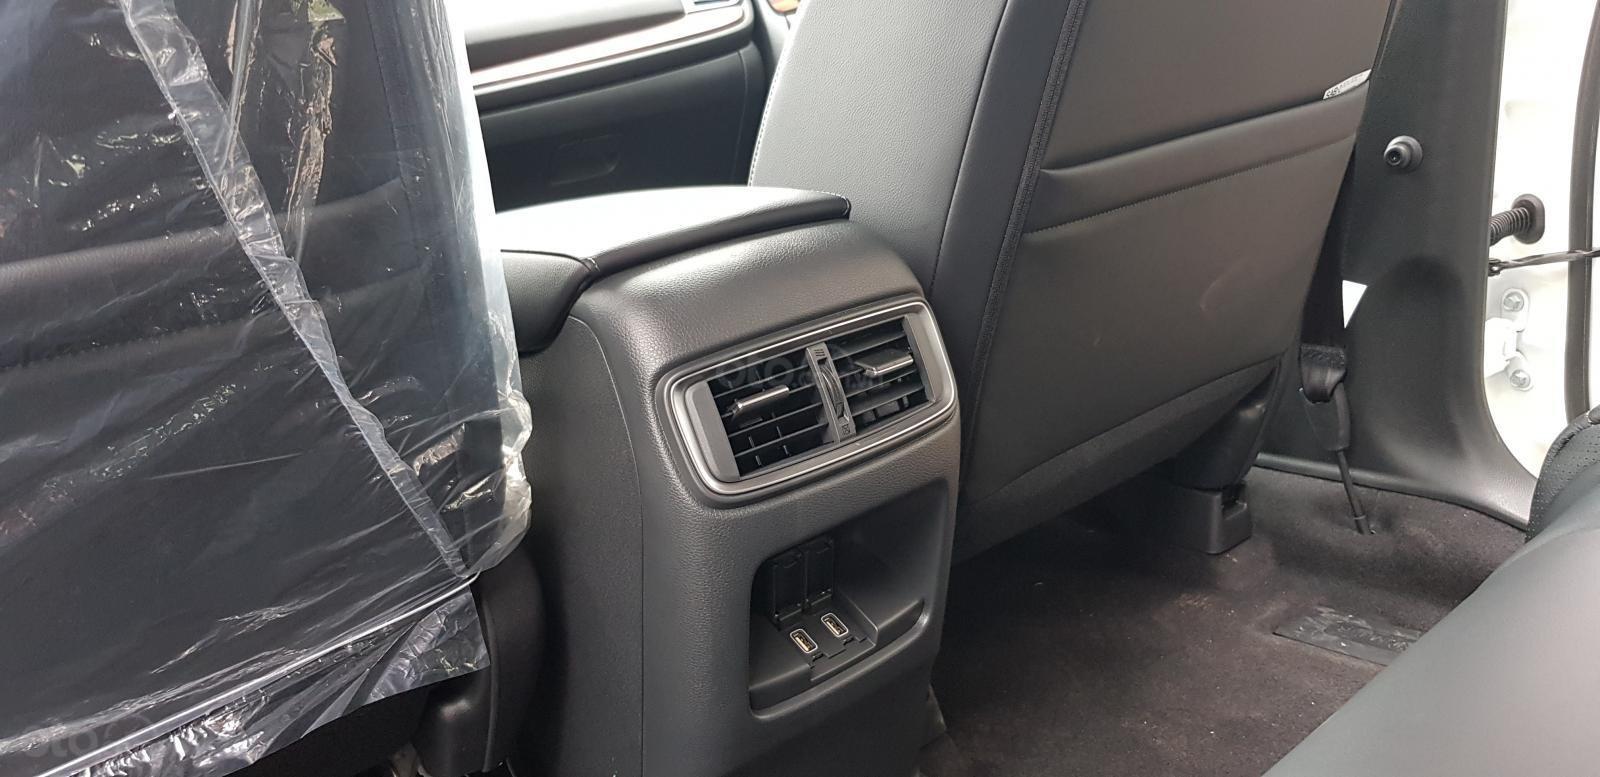 [Honda ô tô Hải Phòng] bán xe Honda CR-V 1.5G - Giá tốt nhất - Hotline: 094.964.1093 (7)